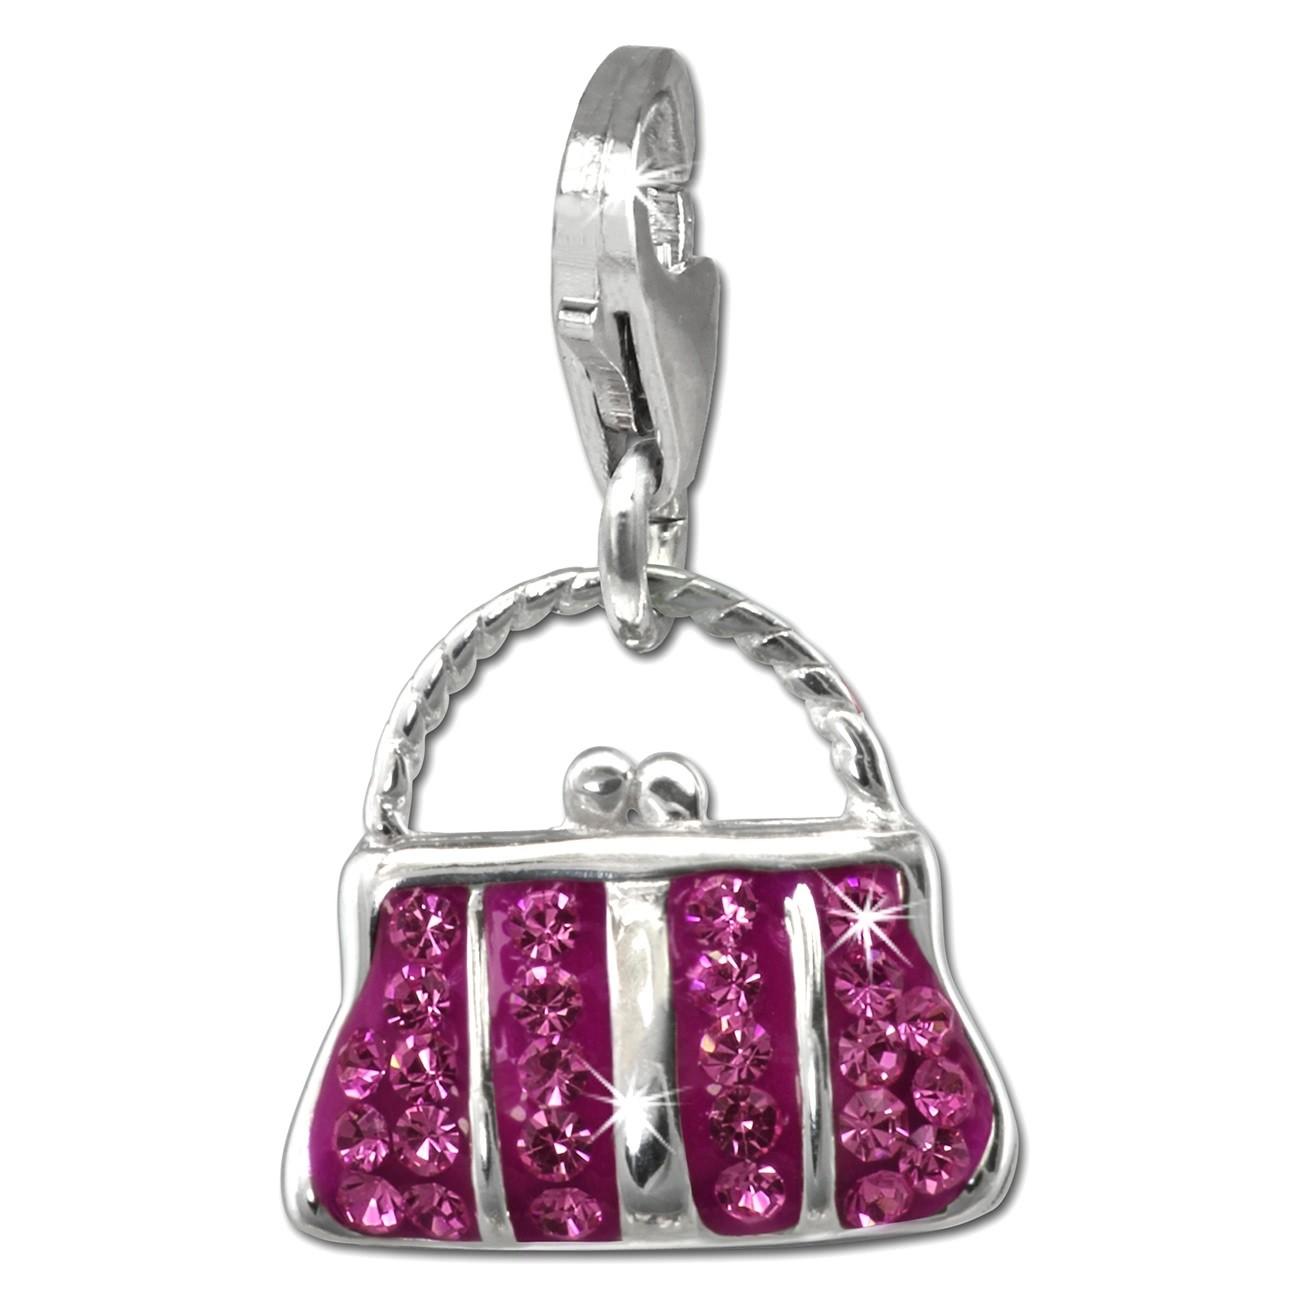 SilberDream Glitzer Charm Tasche groß fuchsia Zirkonia Kristalle GSC559P